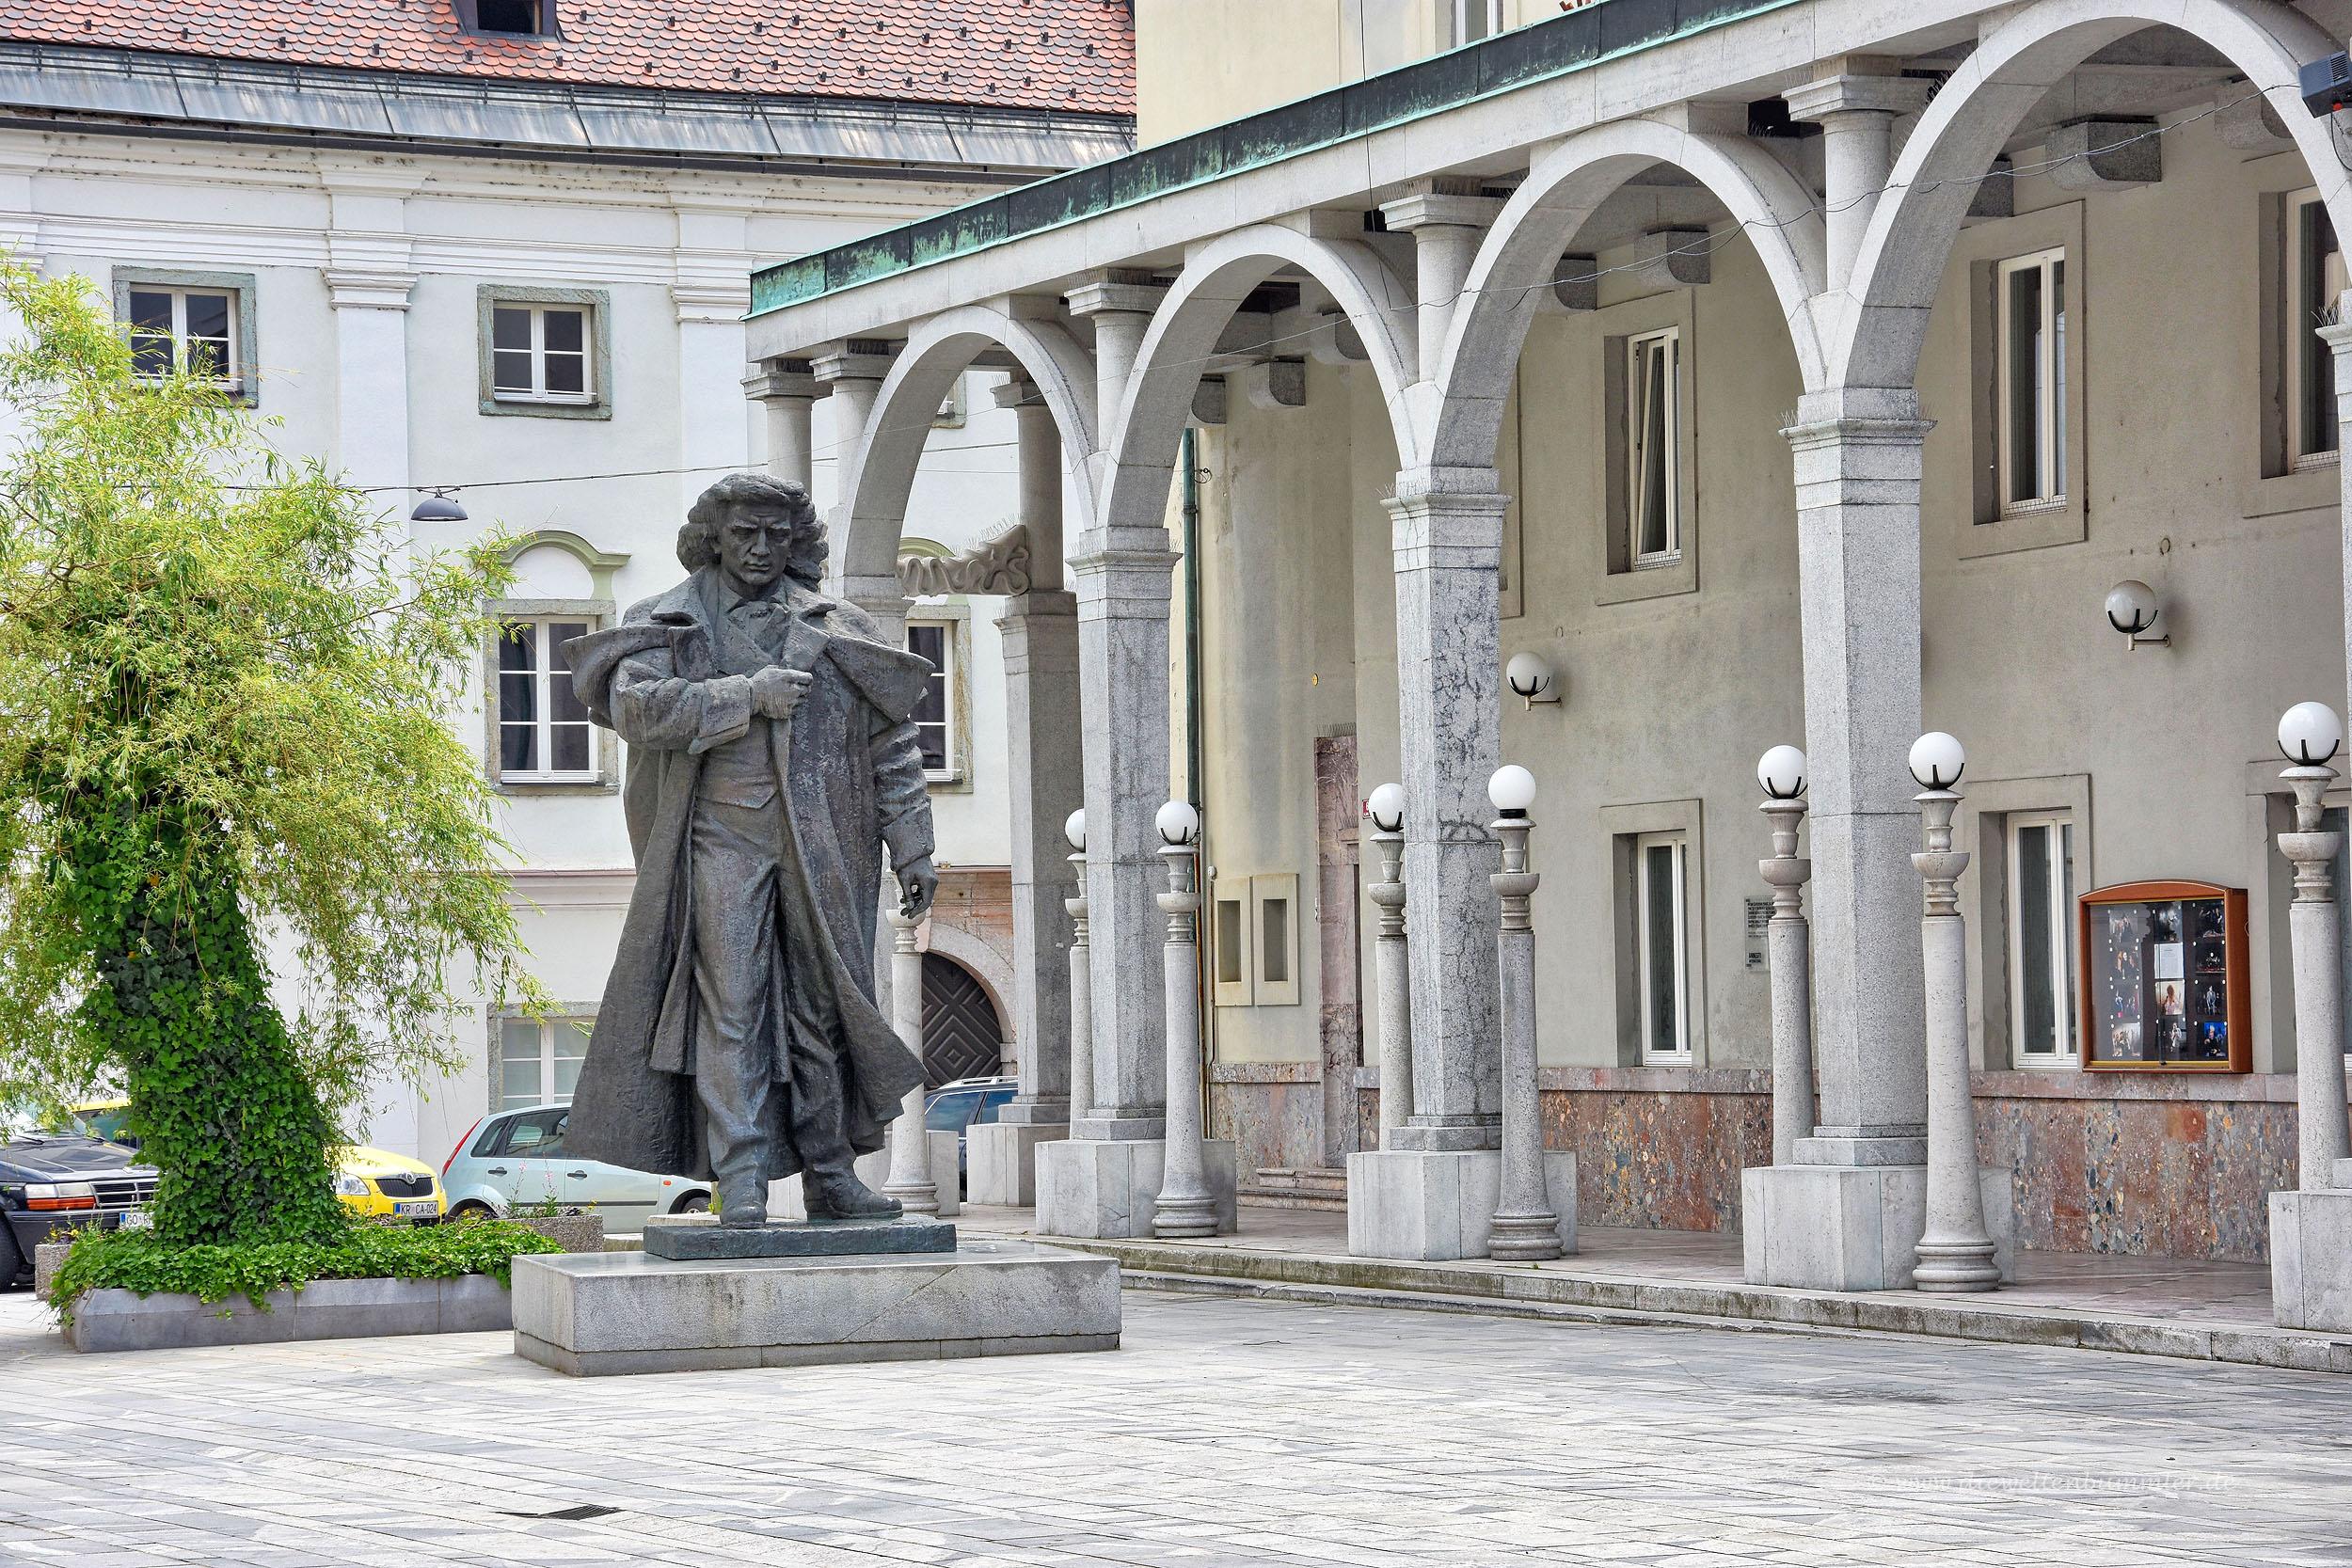 Prešeren-Denkmal in Kranj